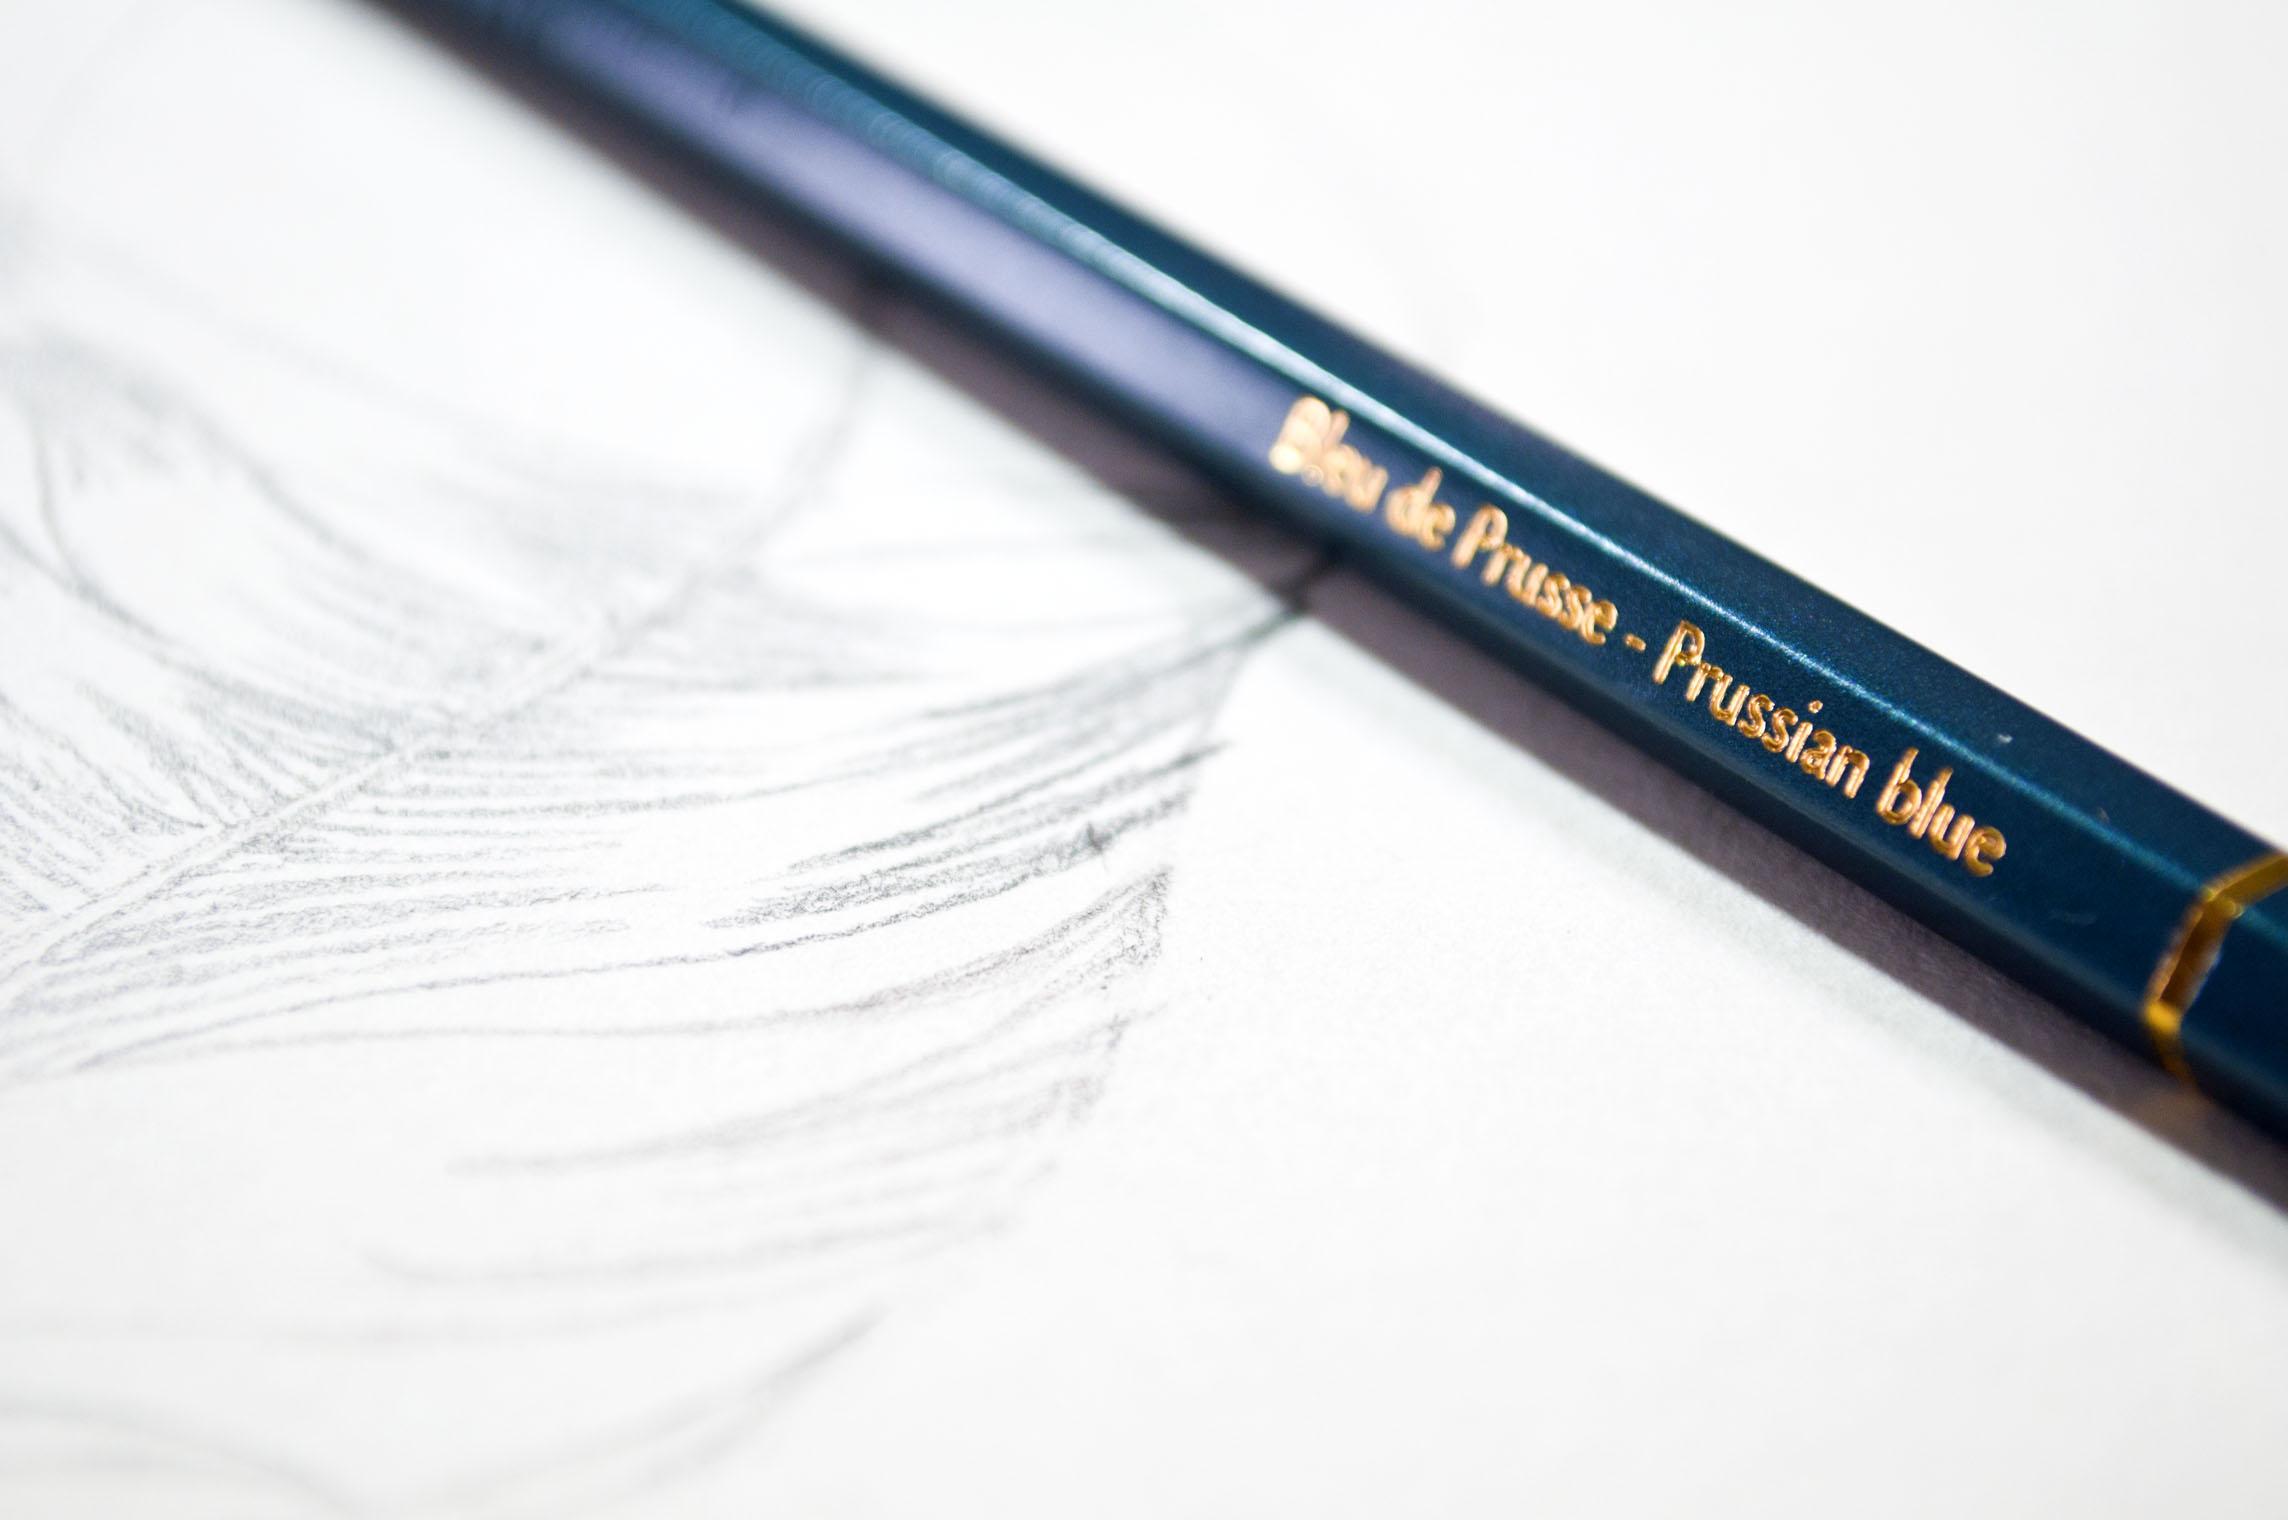 Caran DAche Feather Blue Pencil.jpg